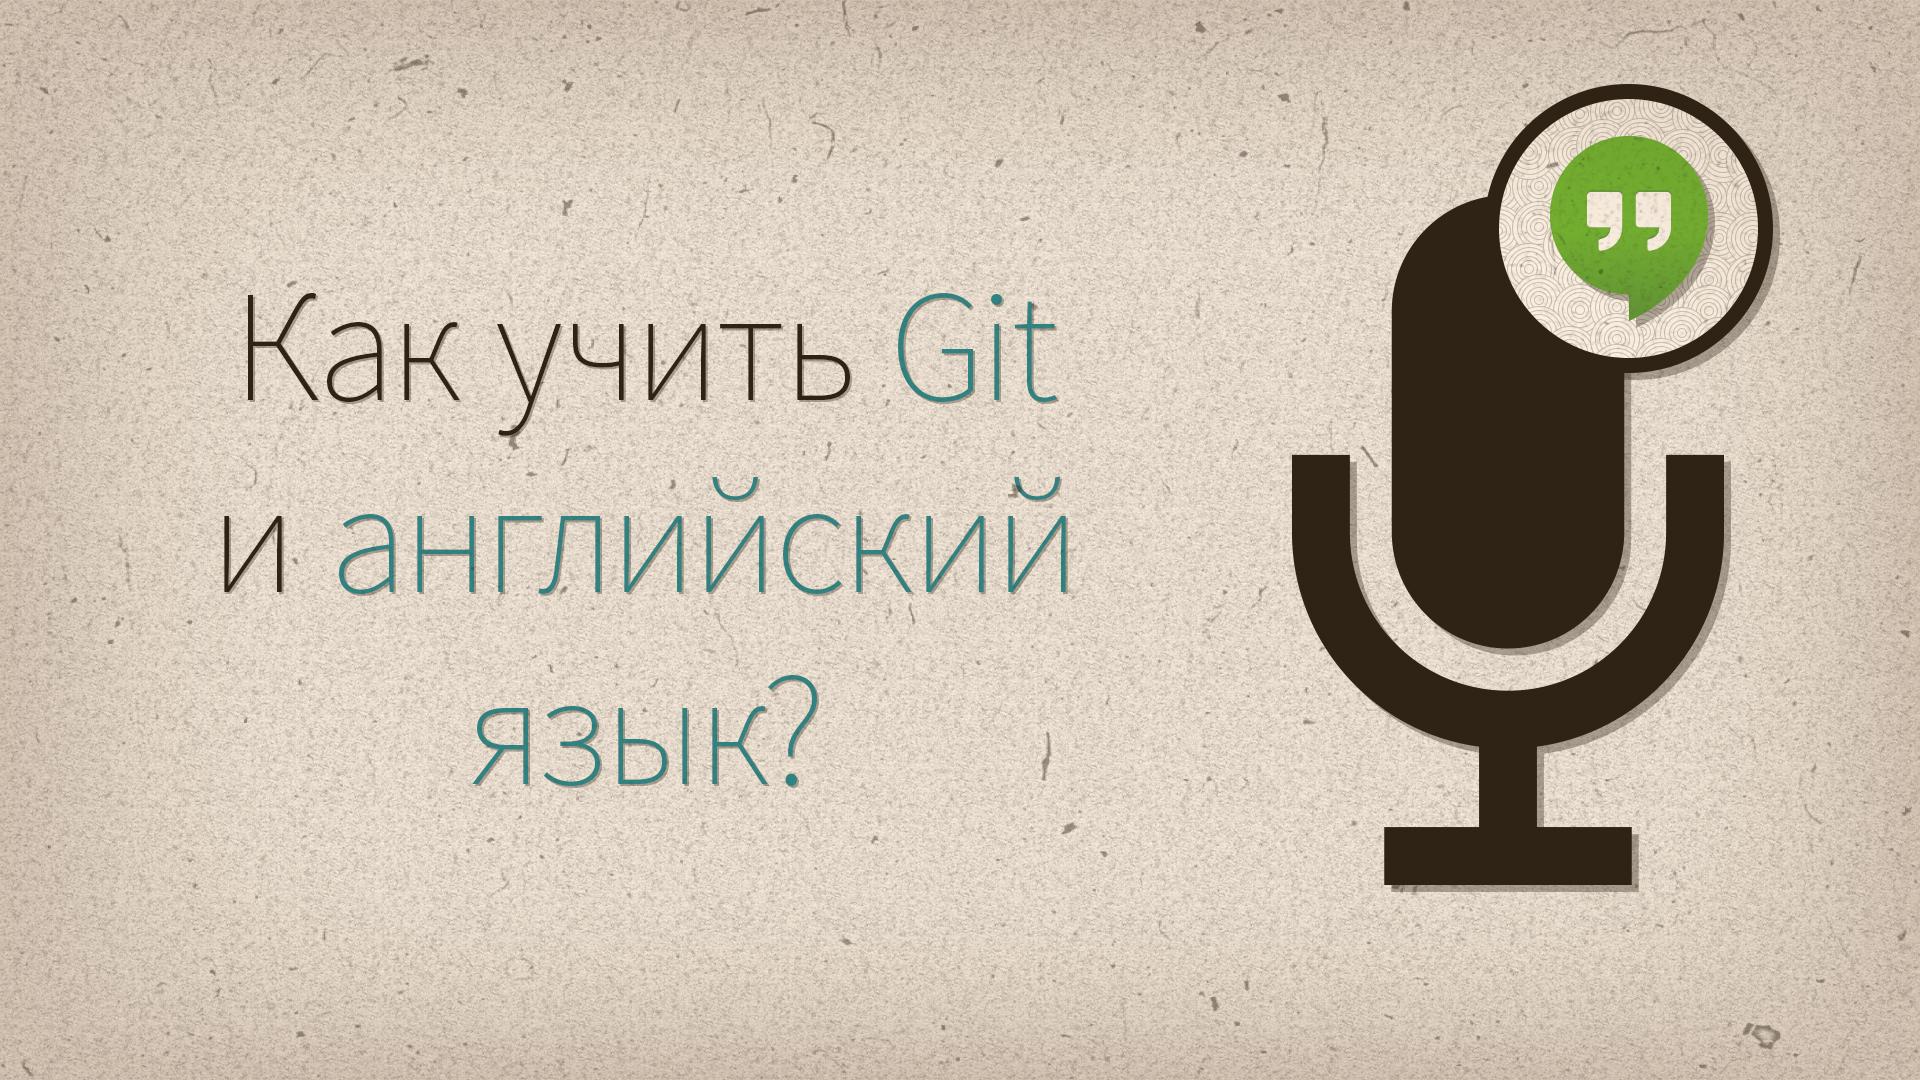 Как учить Git и английский язык?